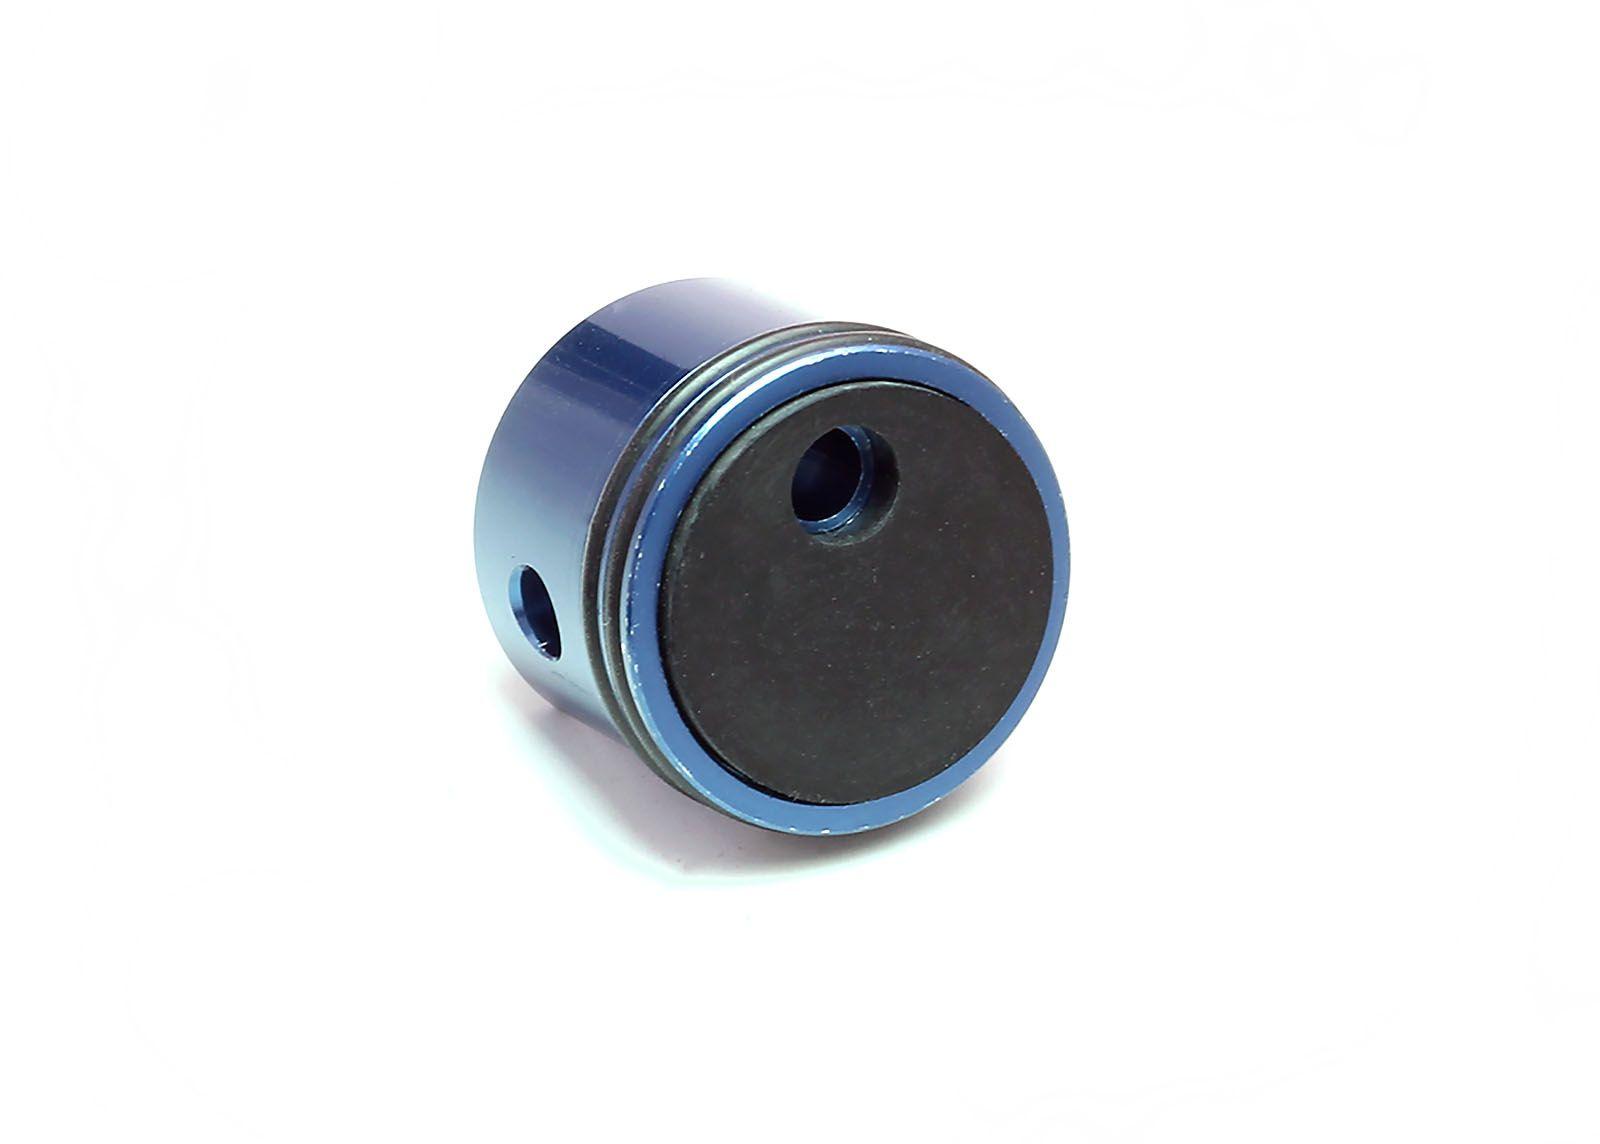 Cabeça Cilindro em Alumínio Modify (Vedação Dupla) - V6 (P90)  - MAB AIRSOFT